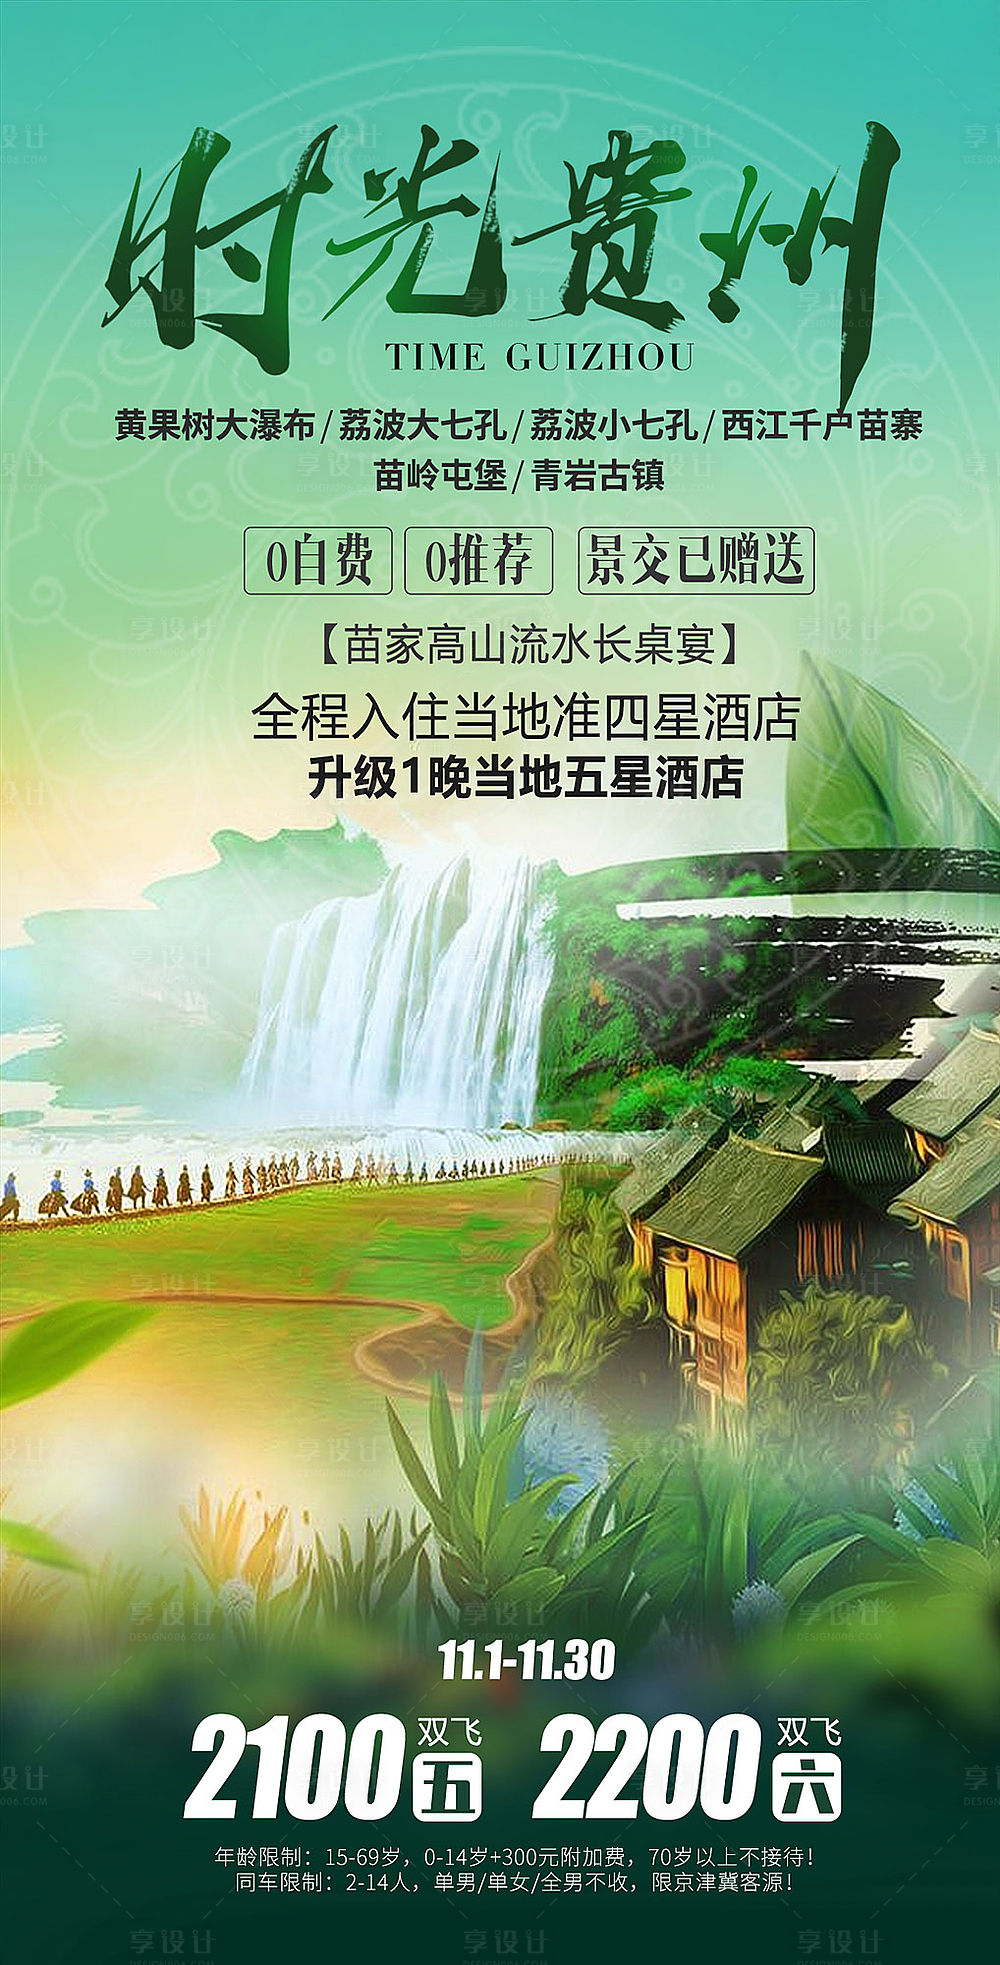 【源文件下载】 海报  旅游 贵州  瀑布  旅行 美景设计作品 设计图集